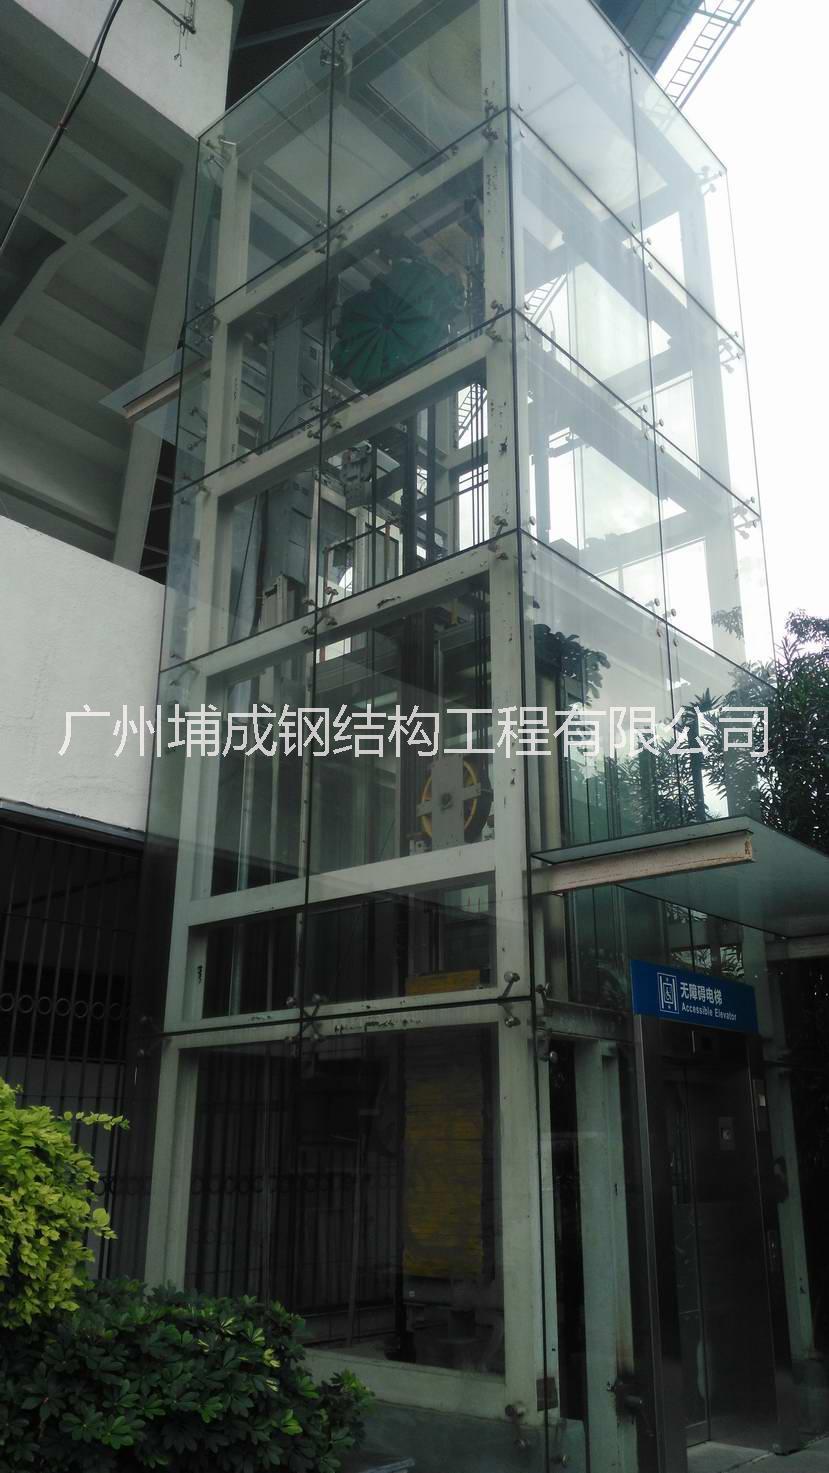 供应北京电梯井道钢结构施工方案